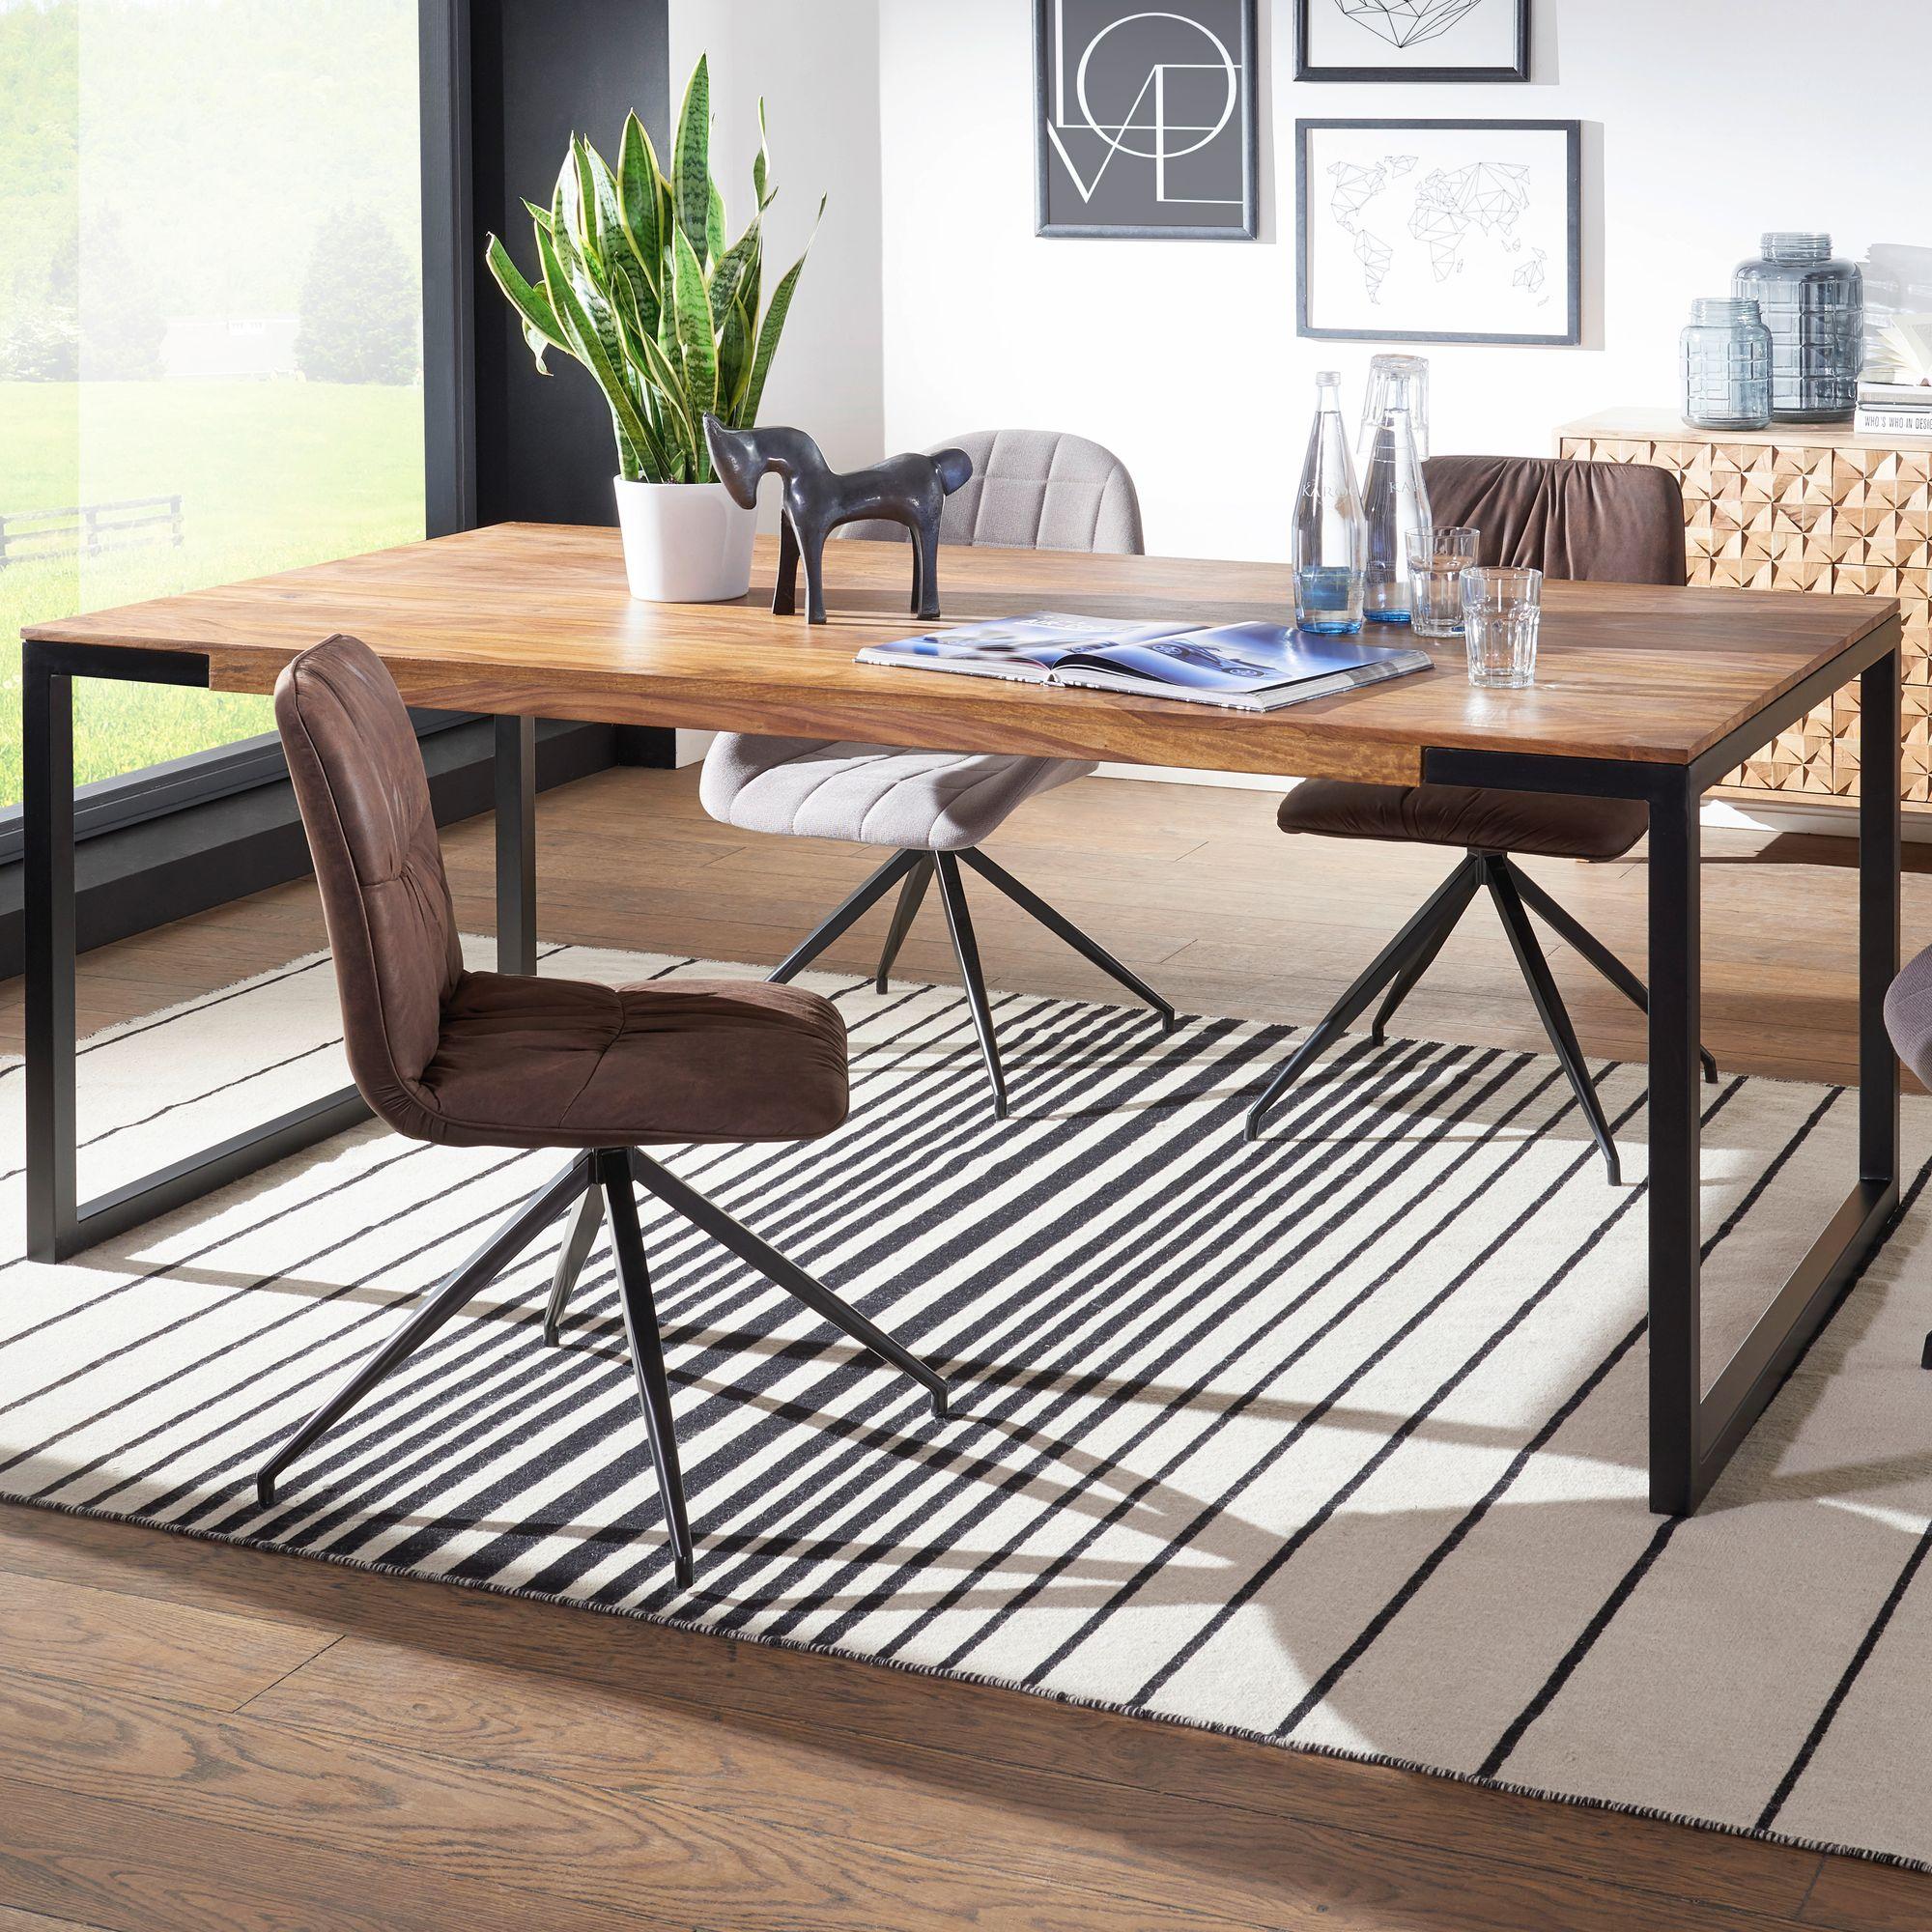 finebuy esstisch sheesham holztisch esszimmertisch tisch. Black Bedroom Furniture Sets. Home Design Ideas